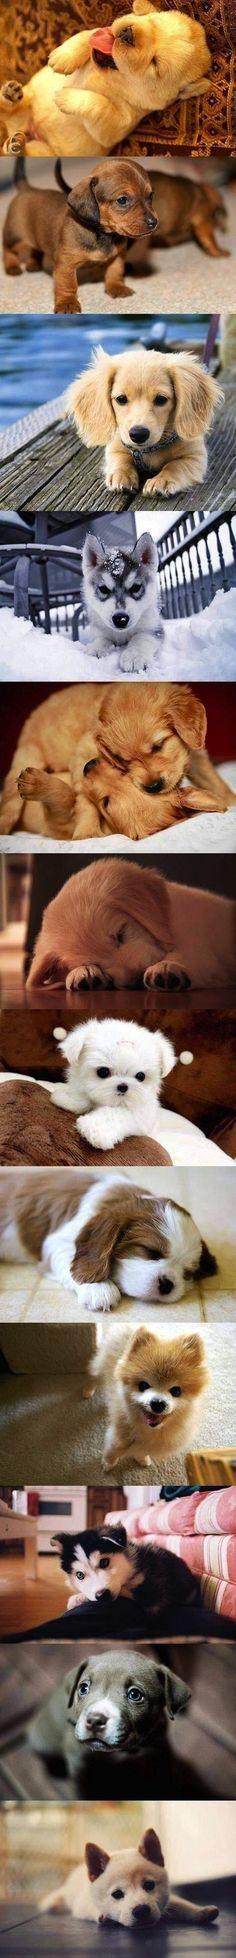 So many cute pups